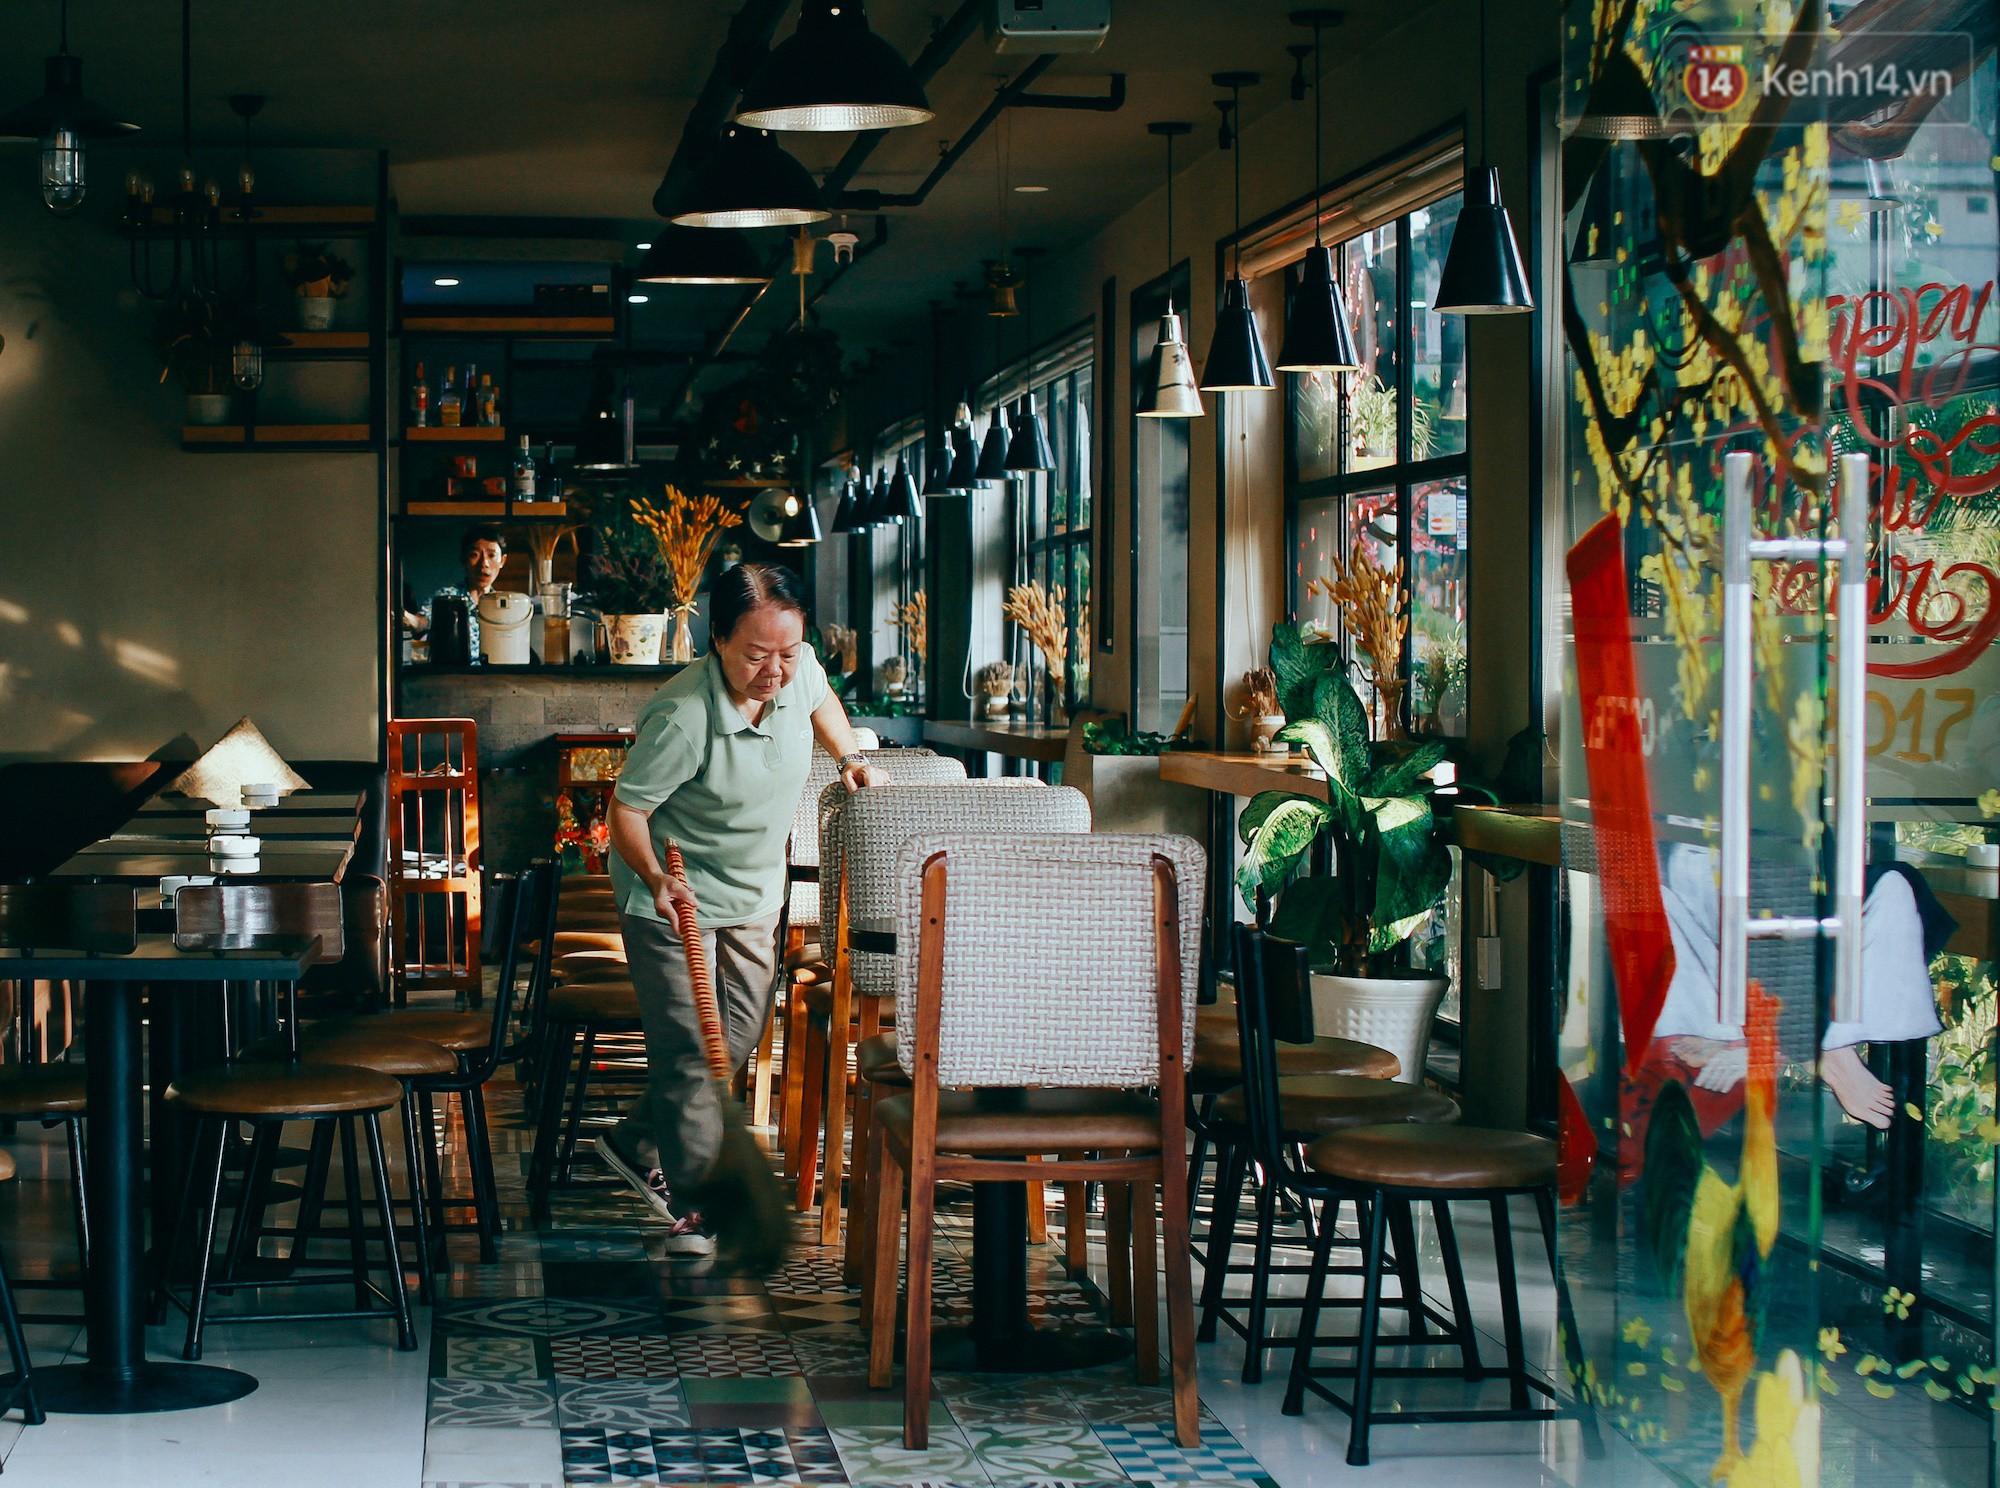 Chùm ảnh: Người Sài Gòn và thói quen uống cafe cóc từ lúc mặt trời chưa ló dạng cho đến chiều tà - Ảnh 3.